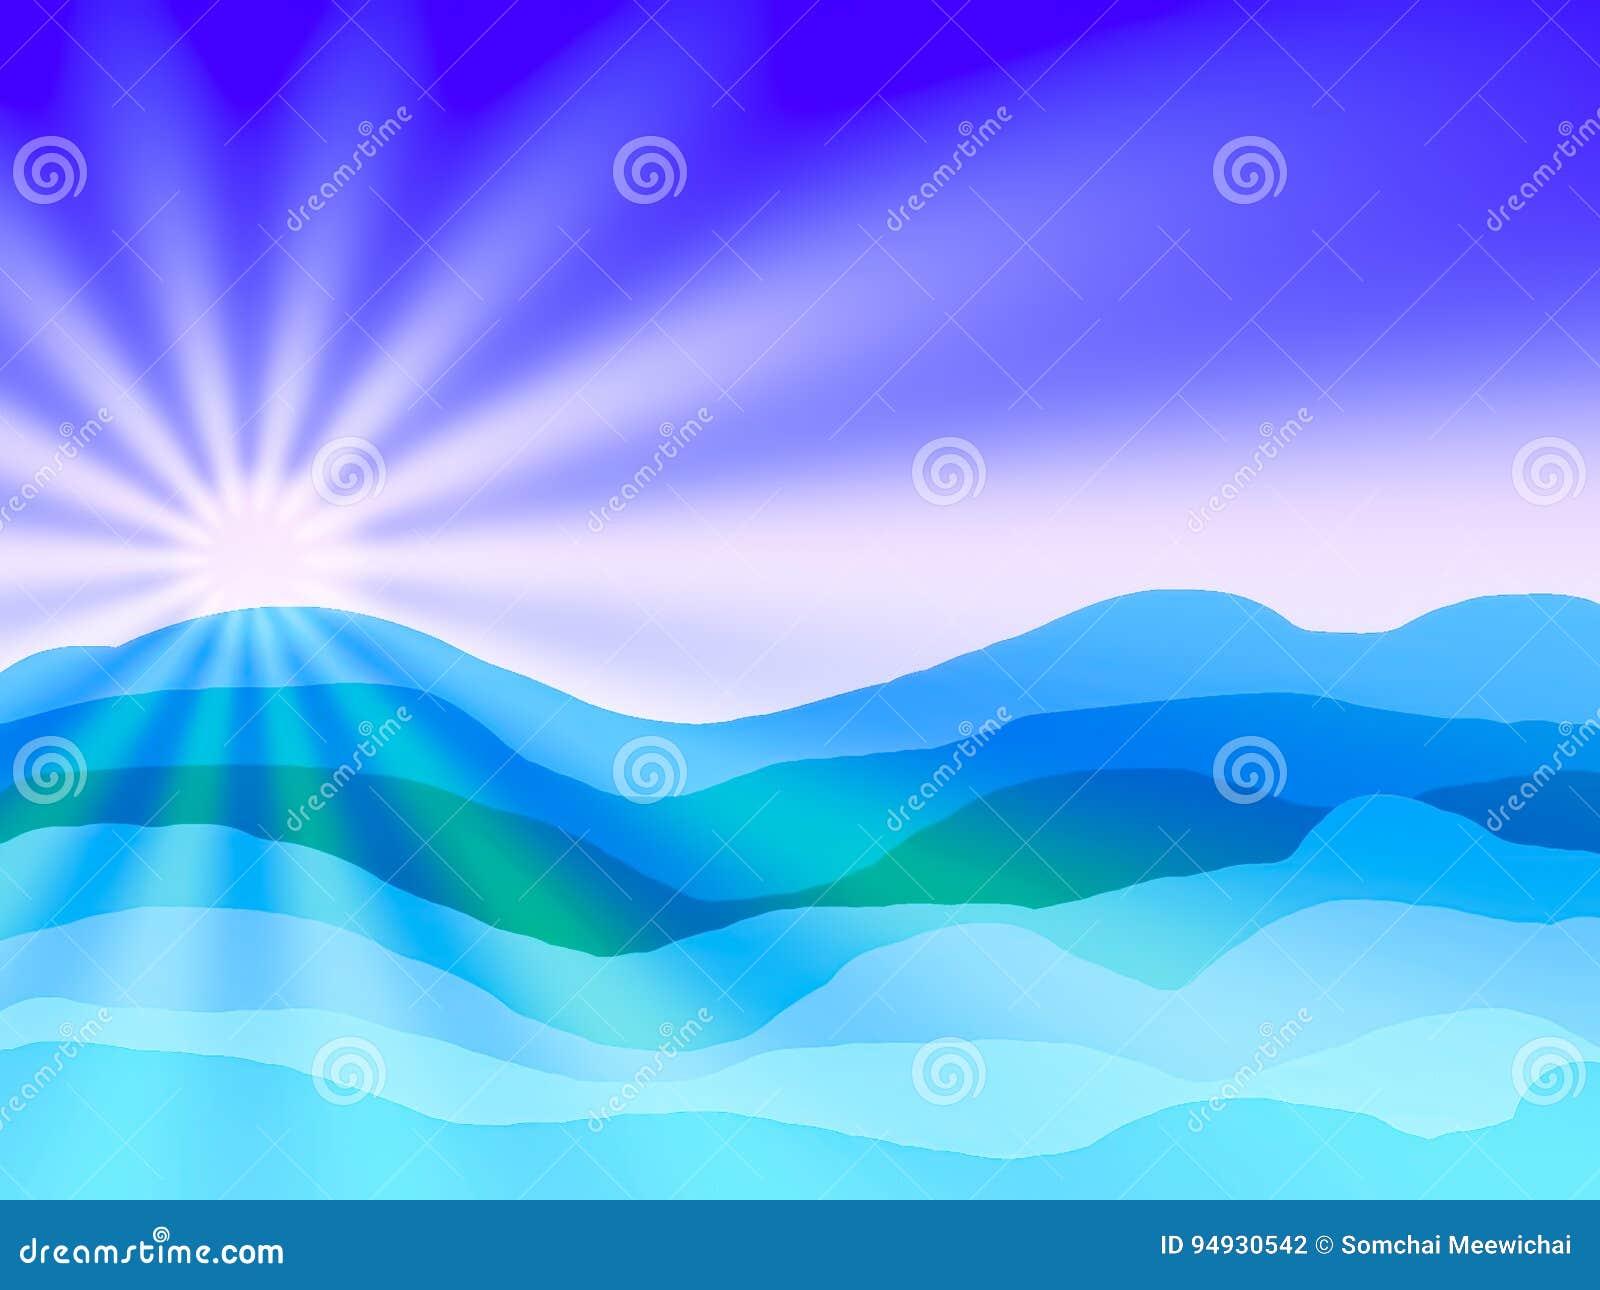 Mar Y Sol Abstracto Y Cielo Azul Con El Dibujo Stock De Ilustración